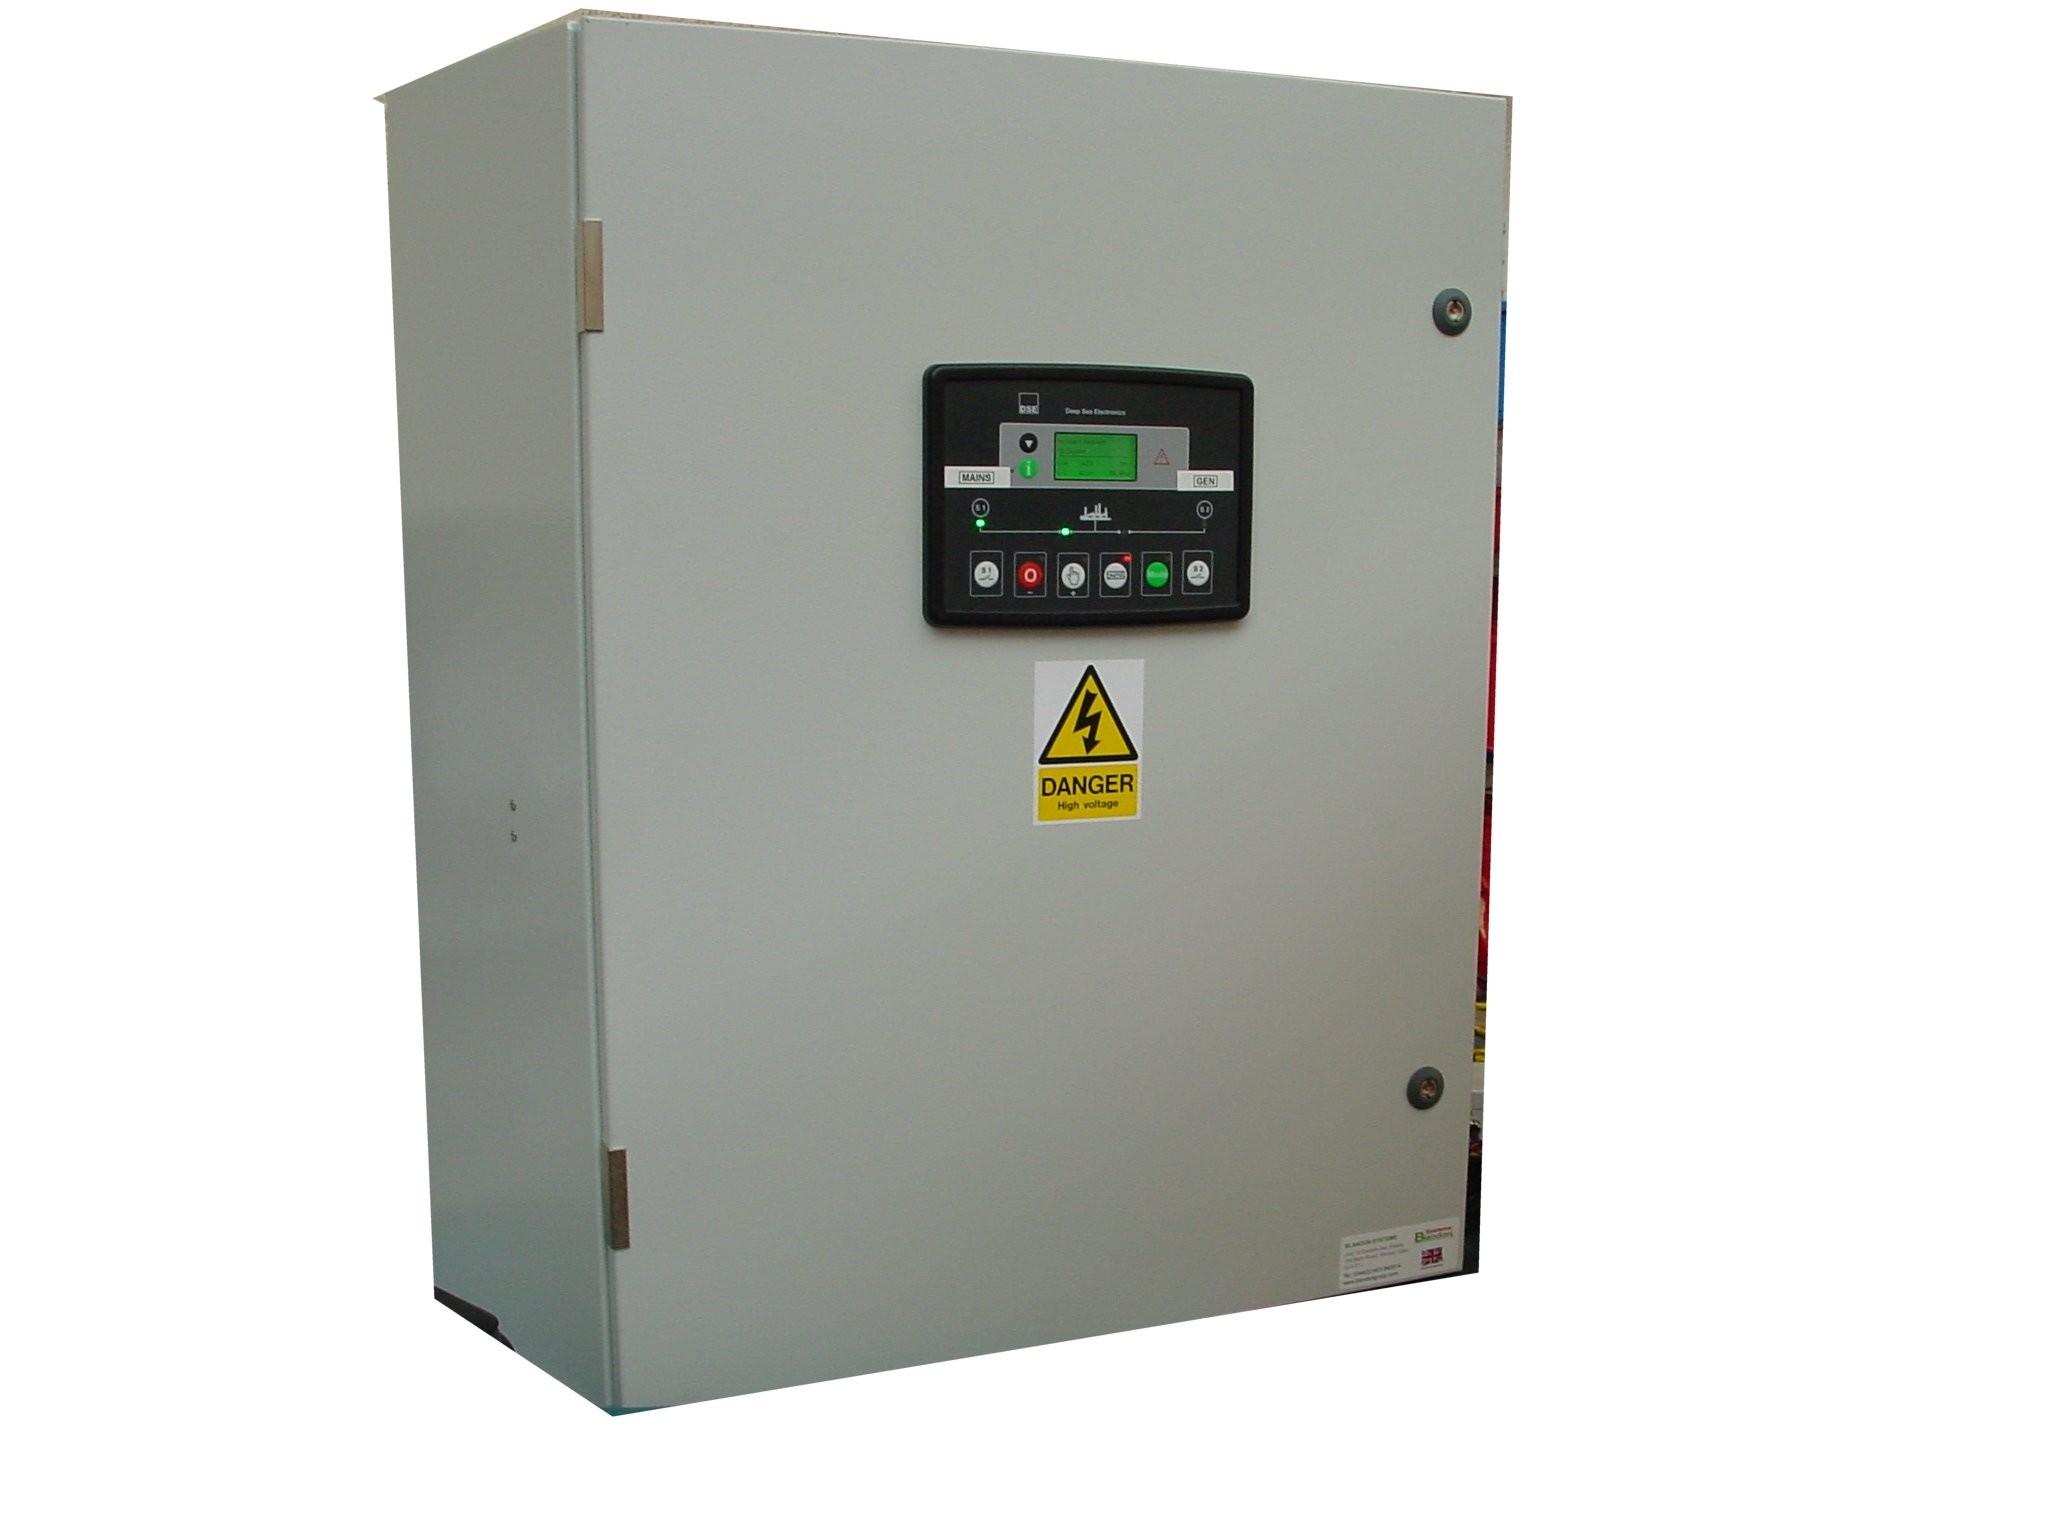 160A ATS 3 Phase 400V, DSE334, ABB Contactors